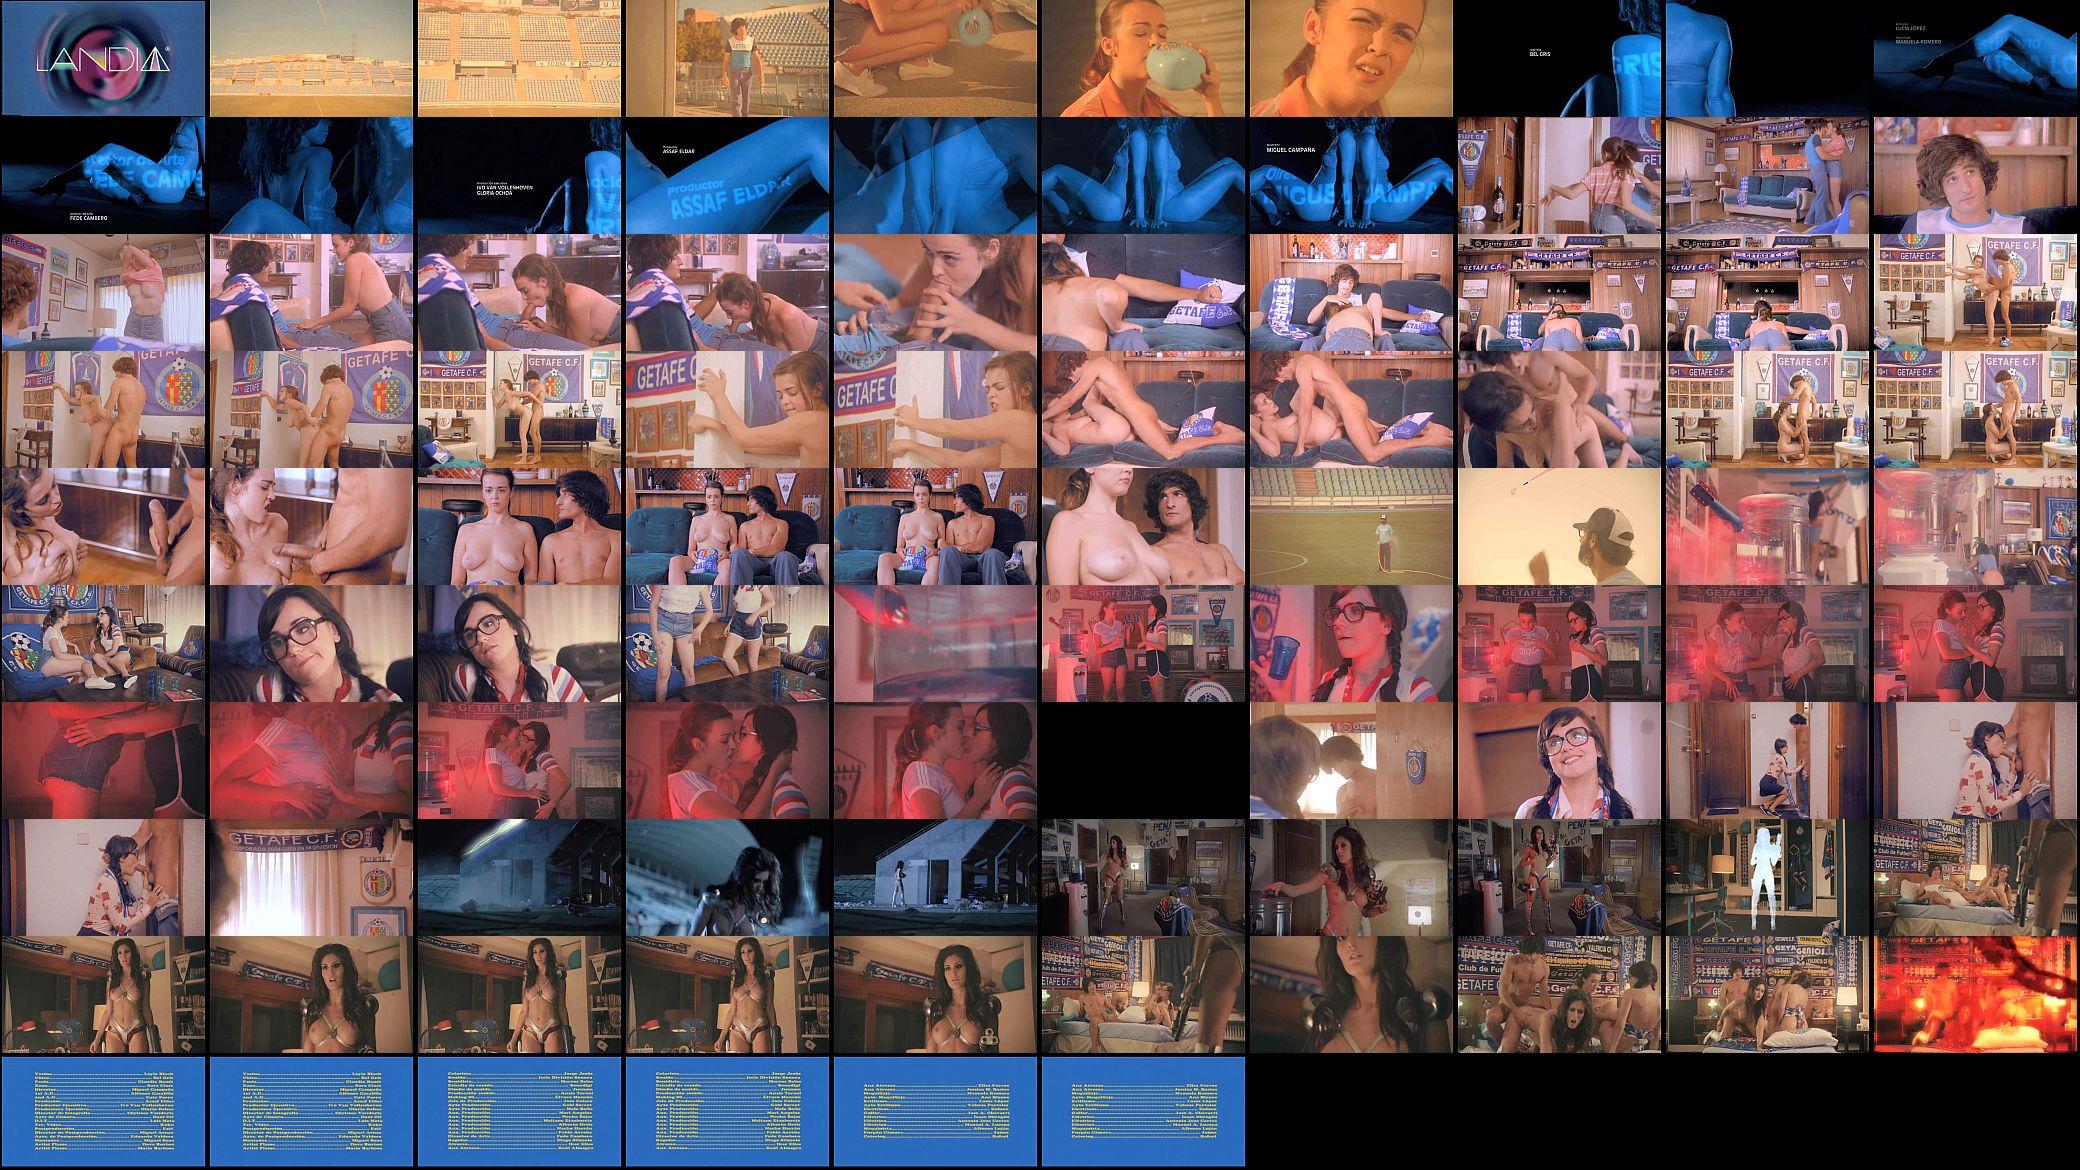 Caliente Tierra Sin Parar Porno zombies calientes del getafe - xvideos